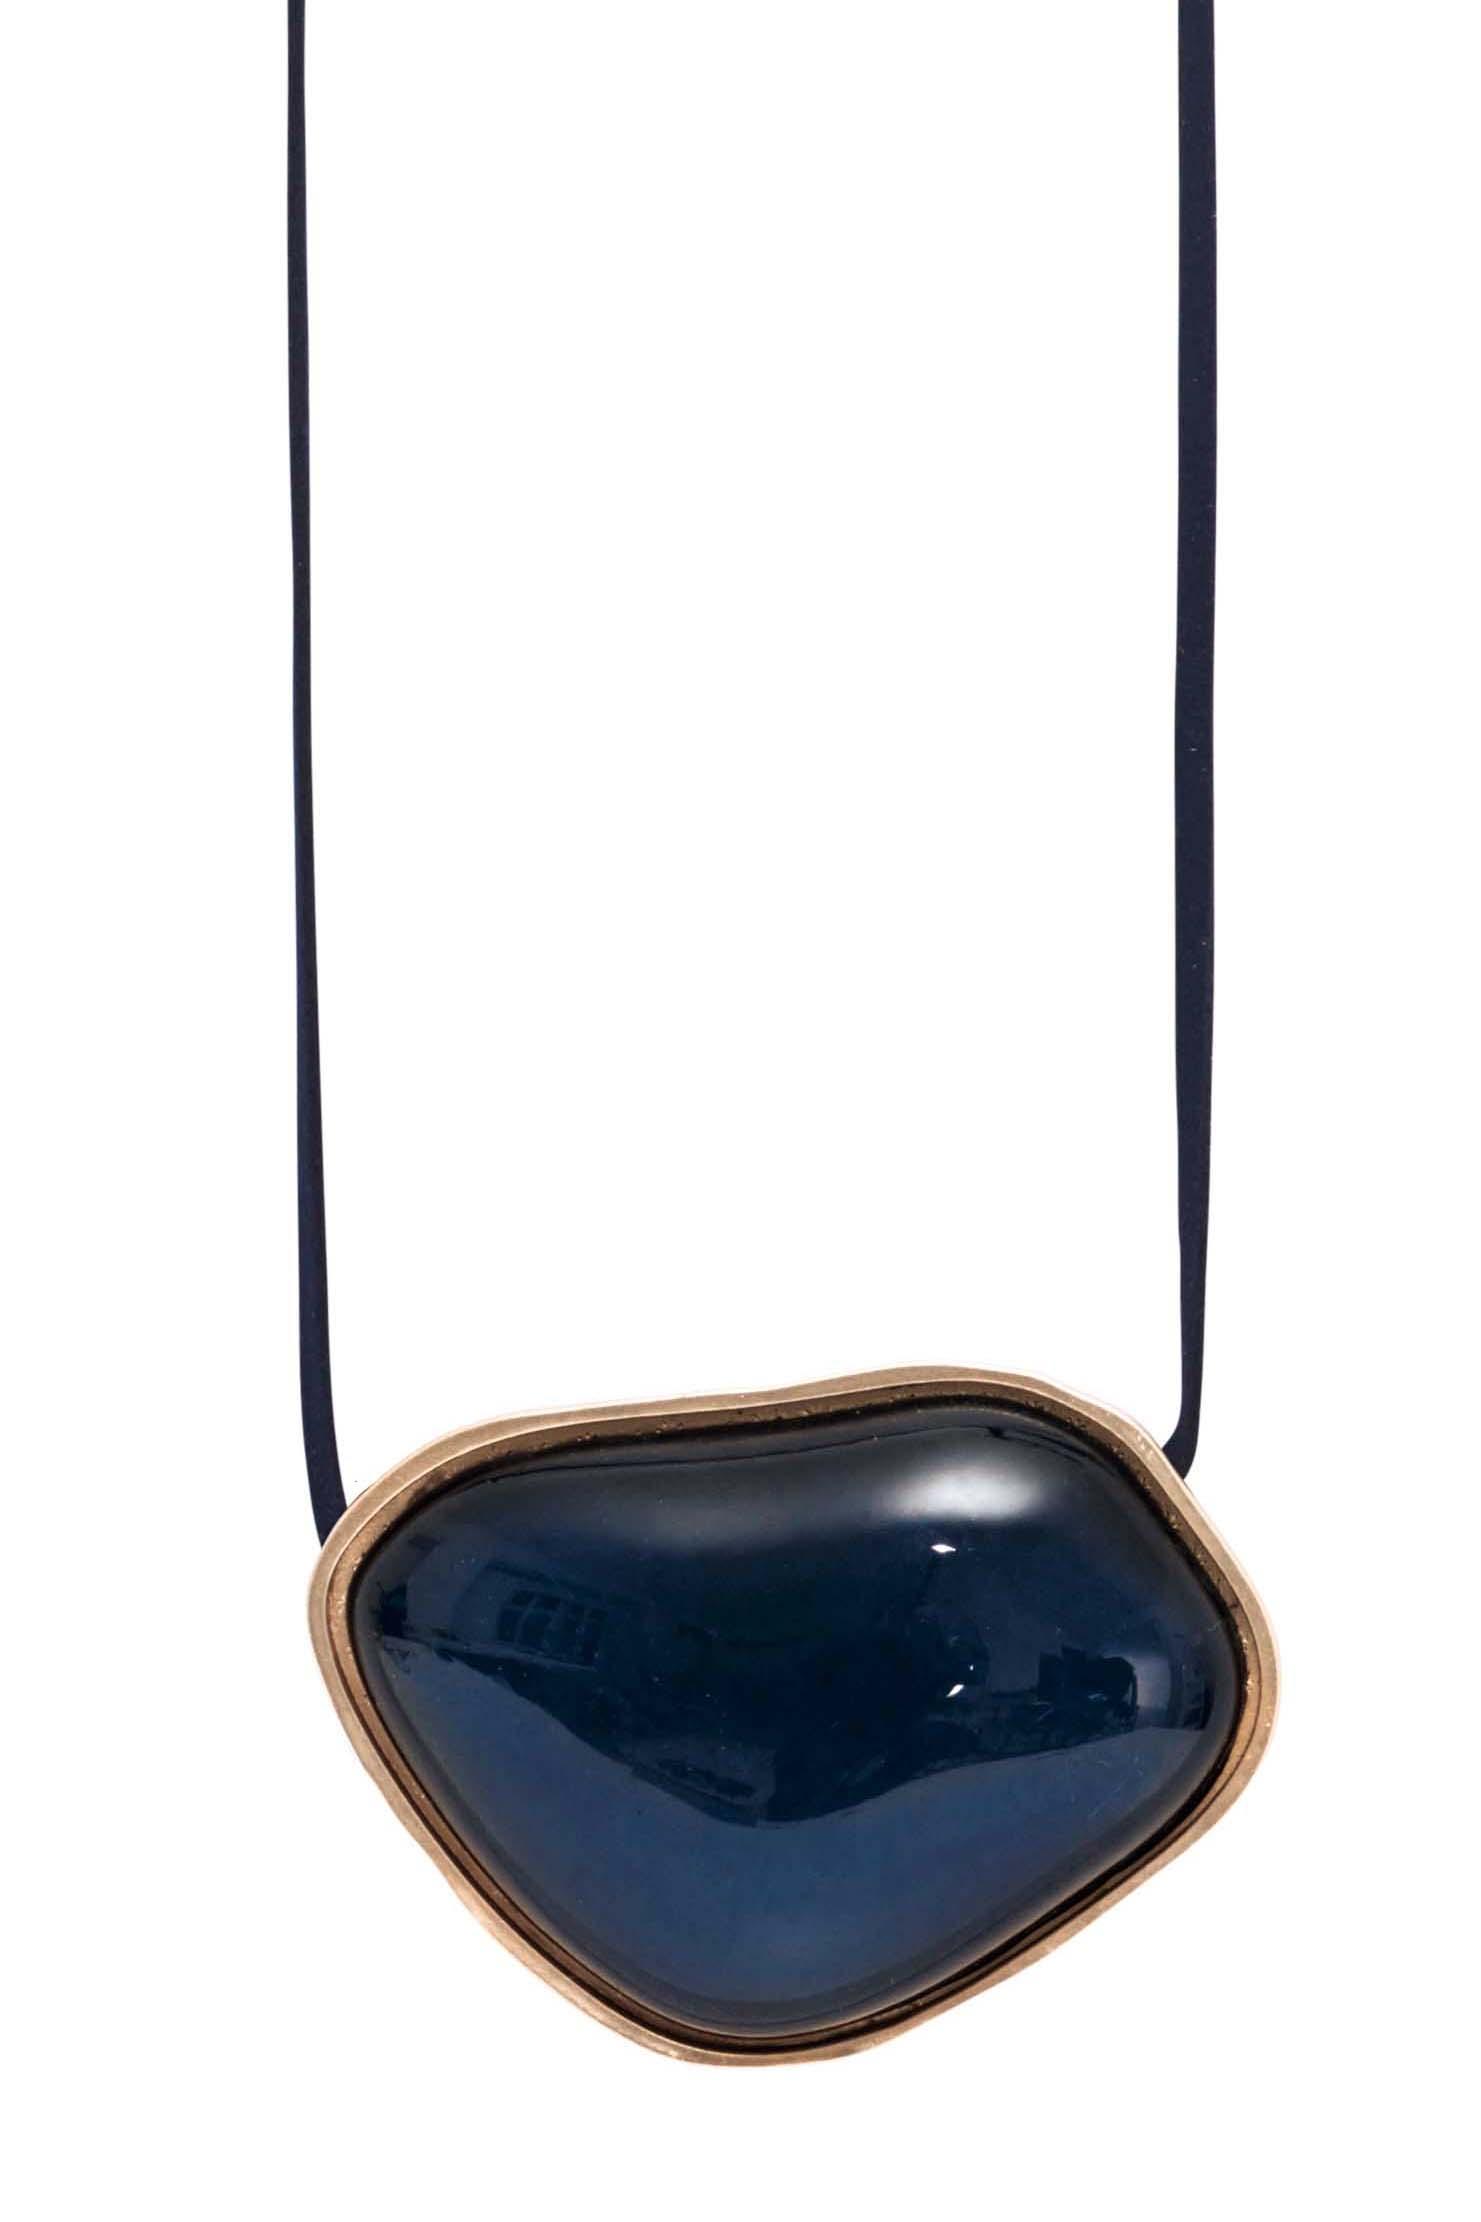 Колье на замшевом шнурке(9C940)Бижутерия с искусственным обсидианом<br>Дания, Dansk Smykkekunst<br><br>Длина колье 100 см<br>Размер декоративного элемента 7х5см.<br>